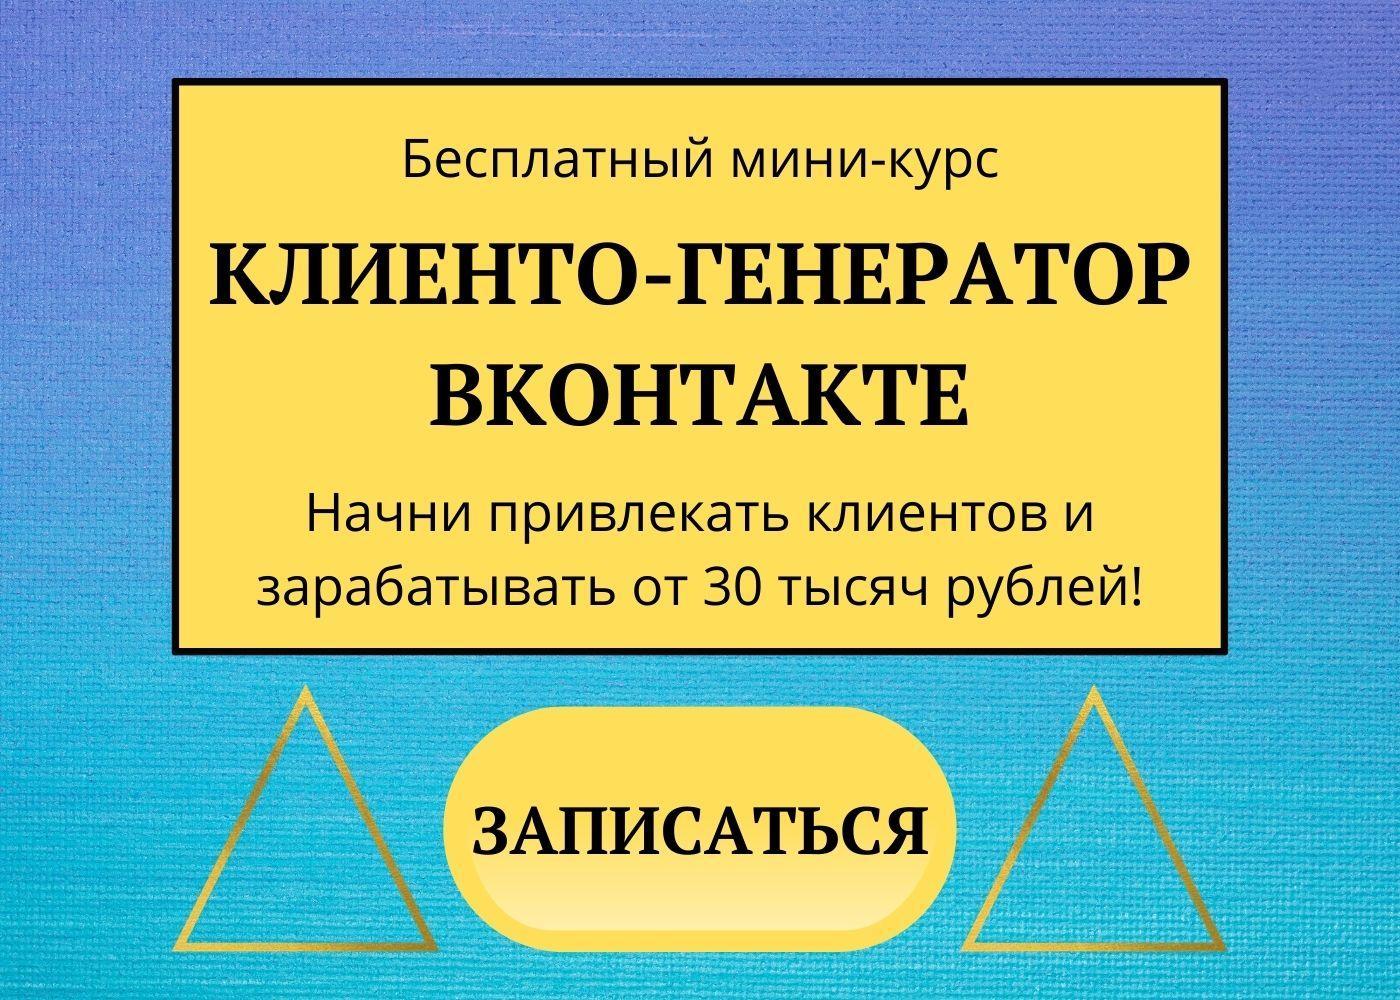 Клиентогенератор ВКонтакте